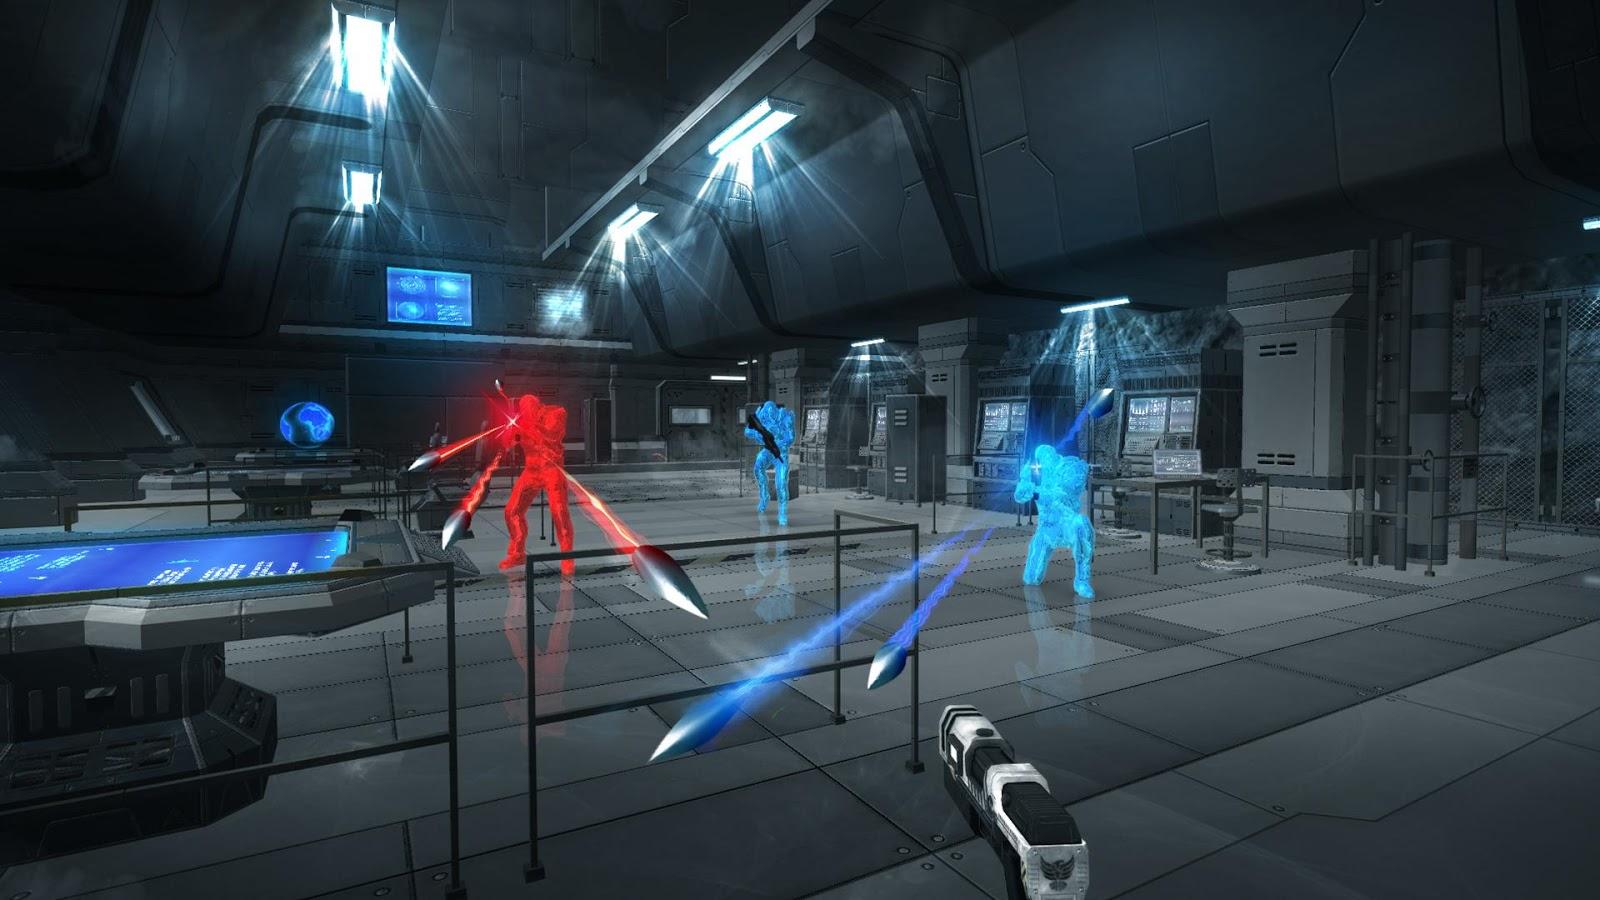 Гифка superhot игры гейминг гиф картинка, скачать анимированный.